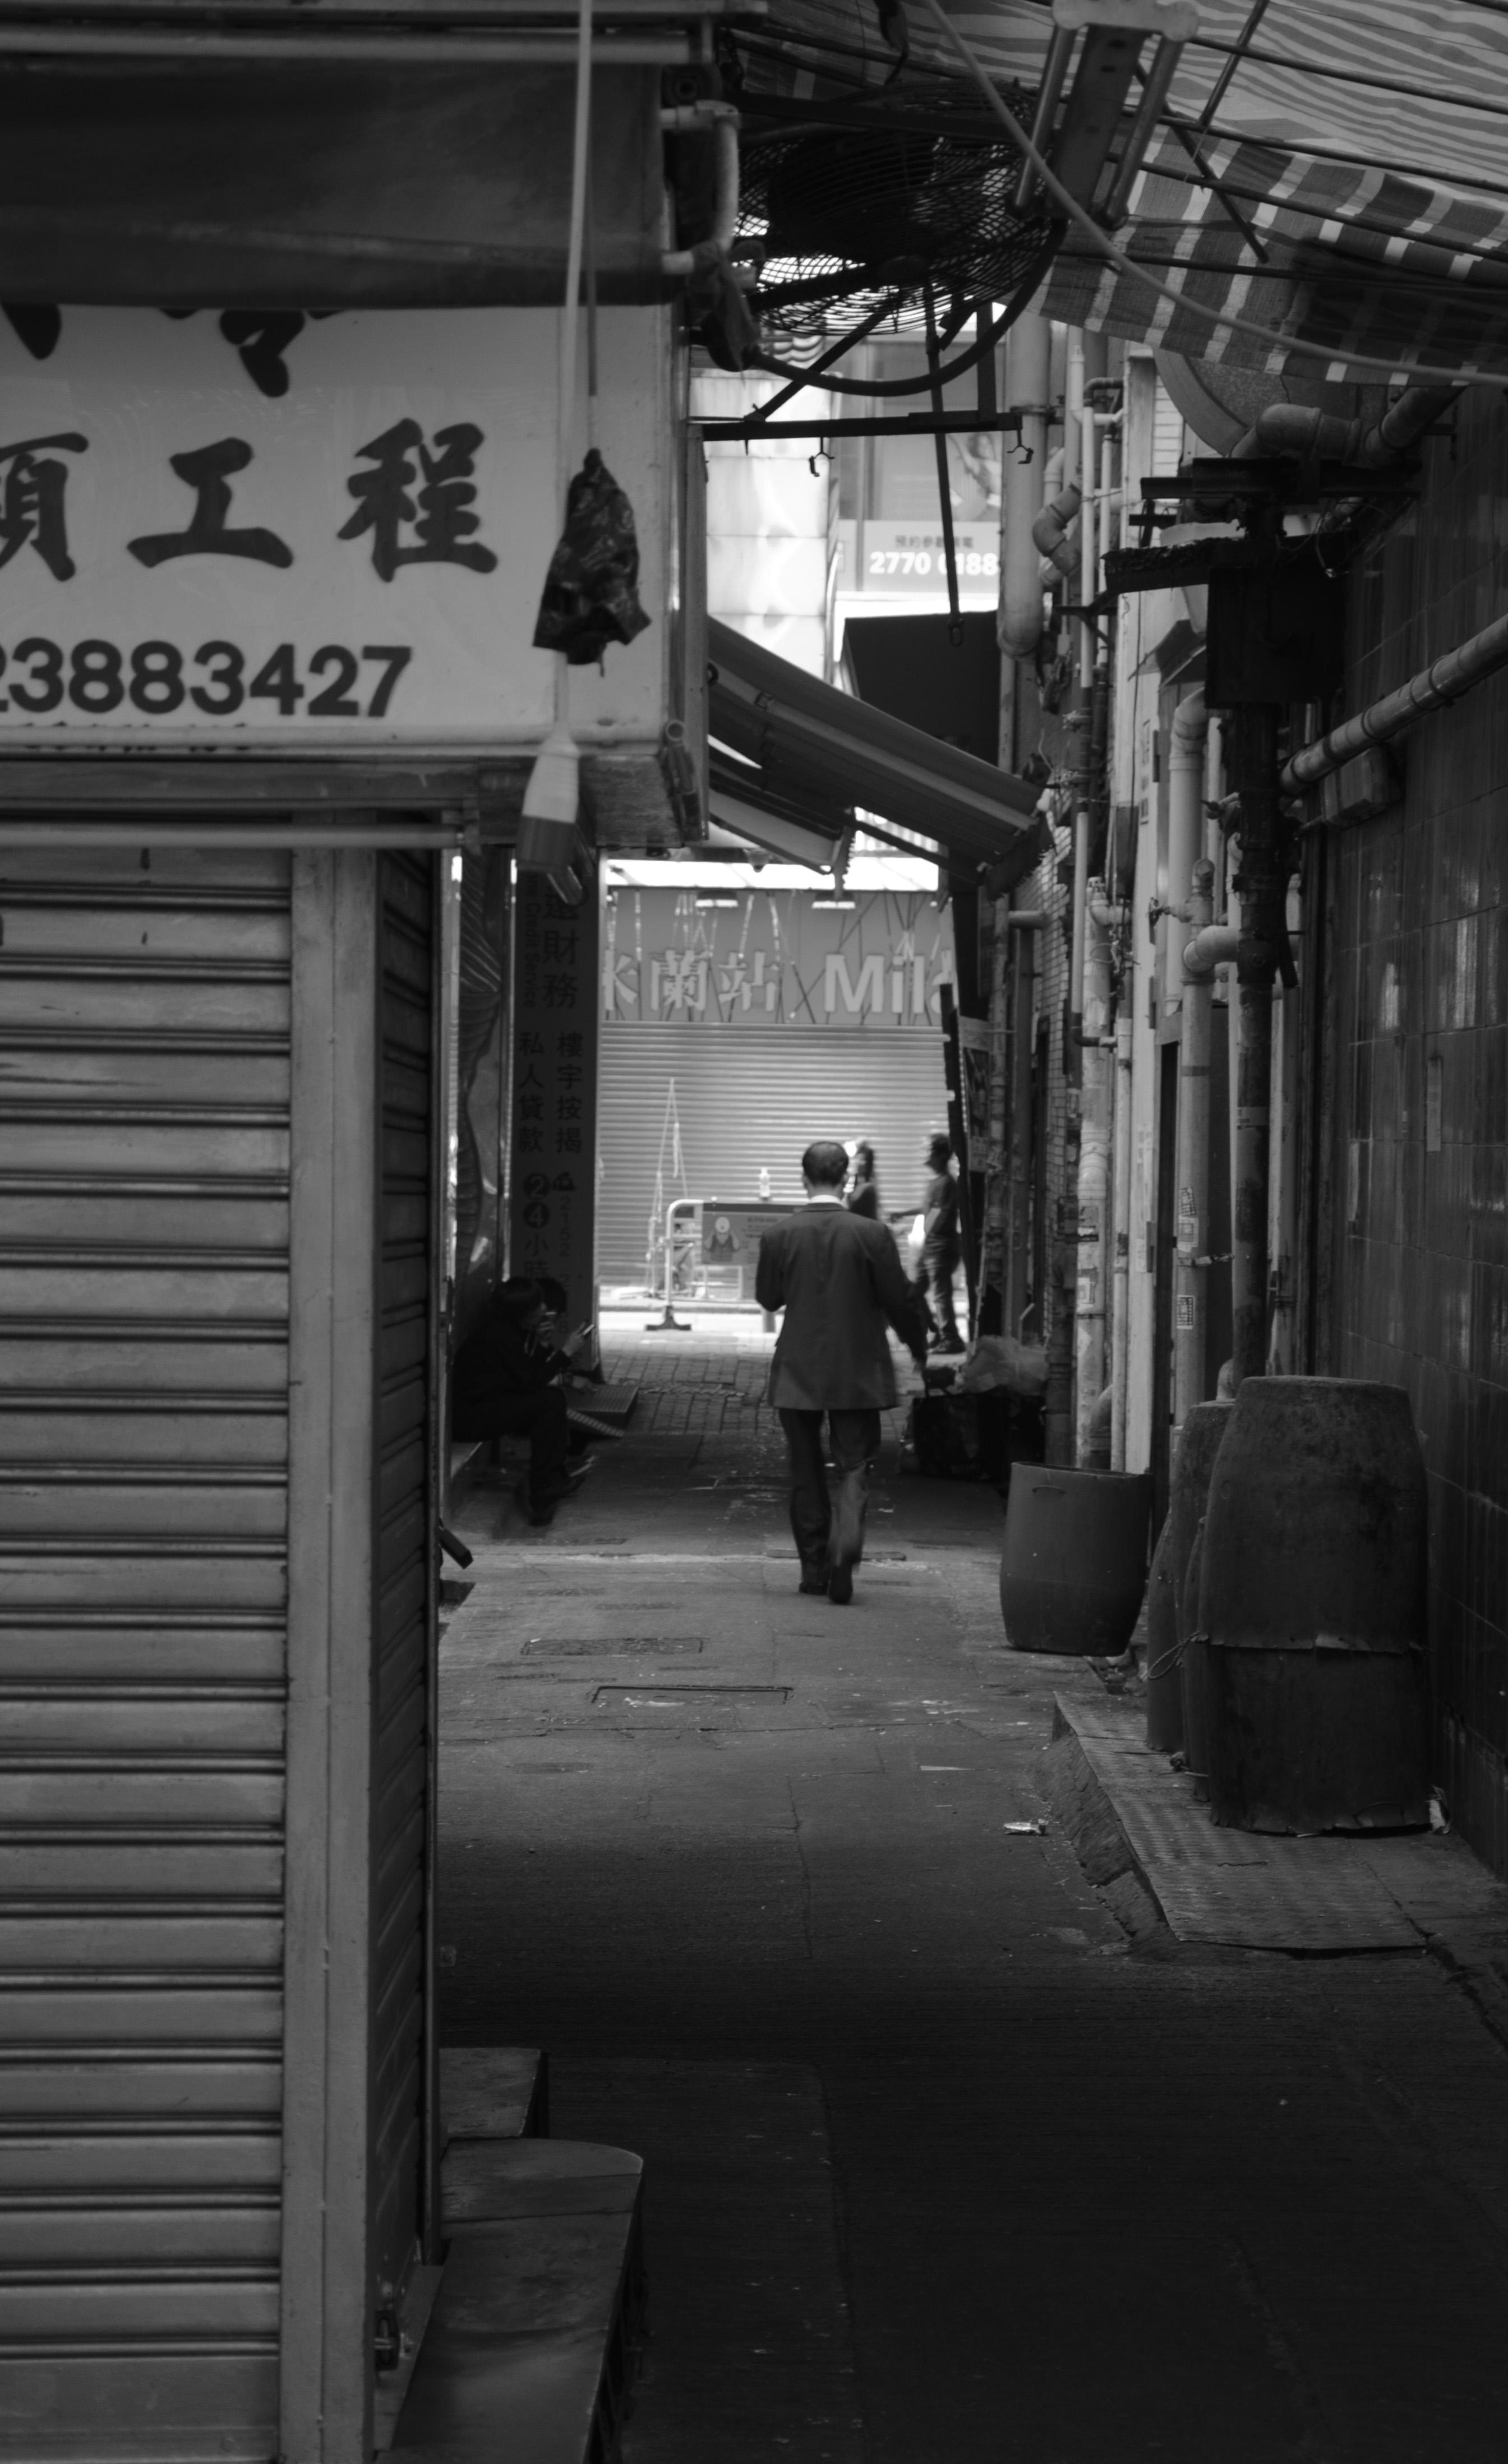 Street Man 2012 Hong Kong 2/8